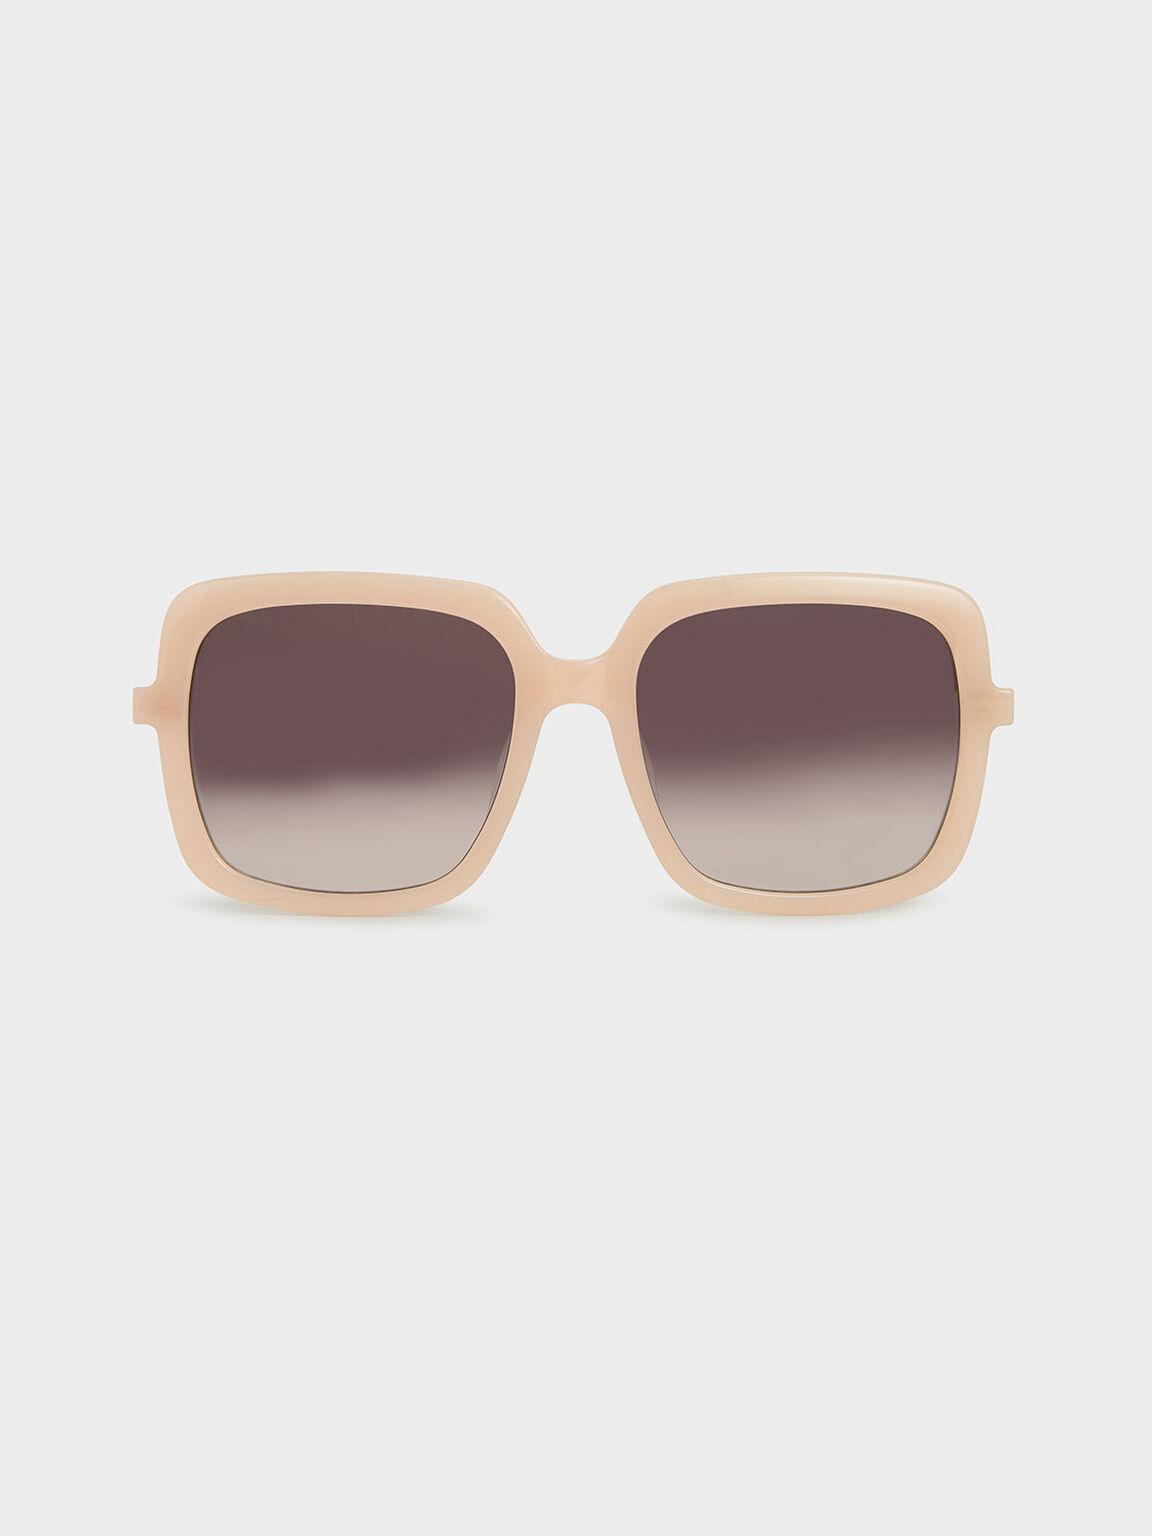 Square Acetate Sunglasses, Pink, hi-res